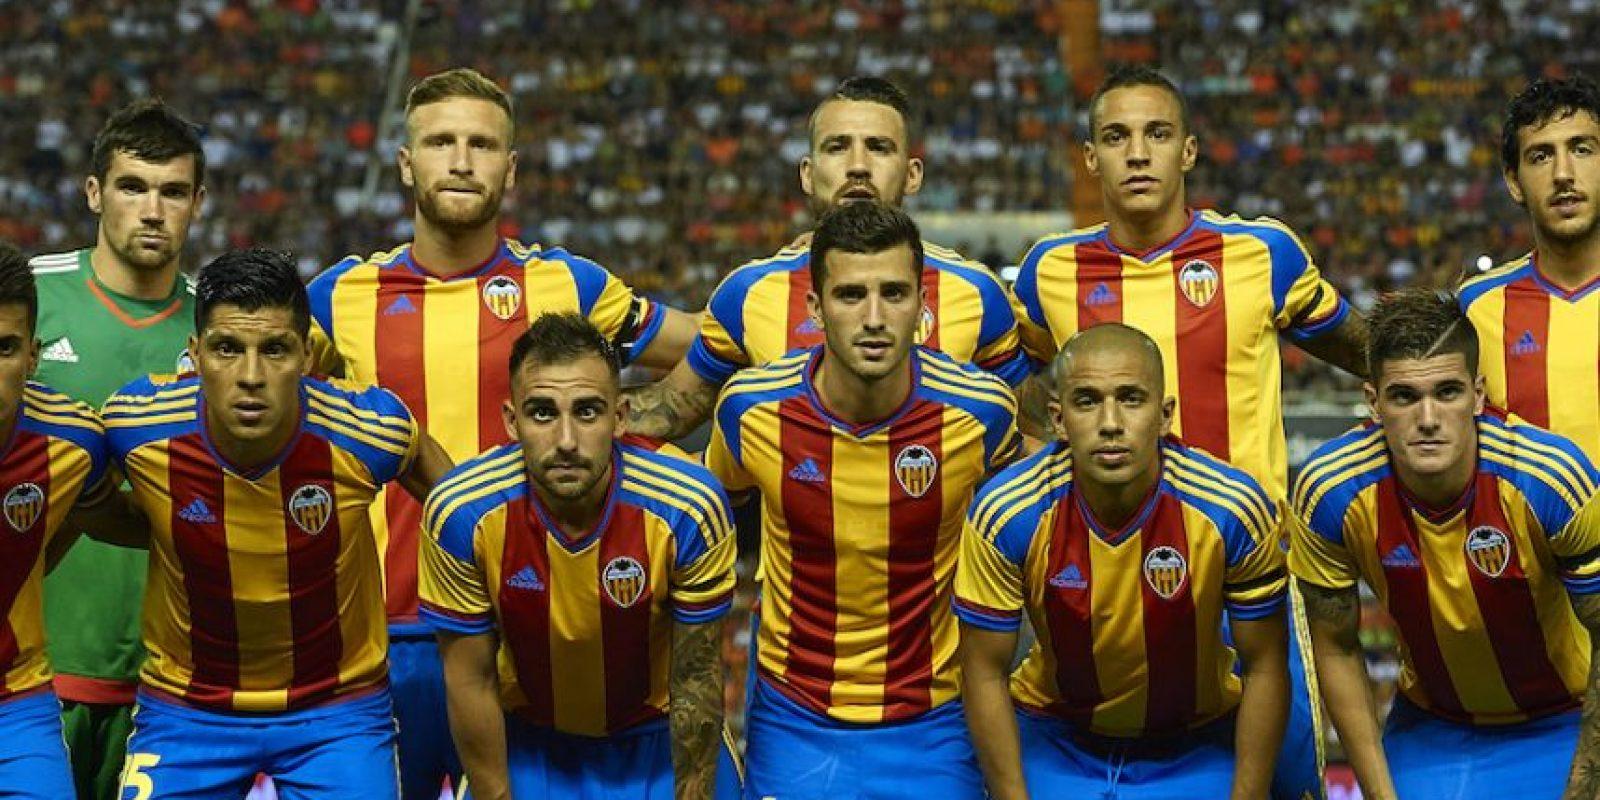 Equipo más joven: Valencia y Sporting de Gijón (24.6 años) Foto:Getty Images